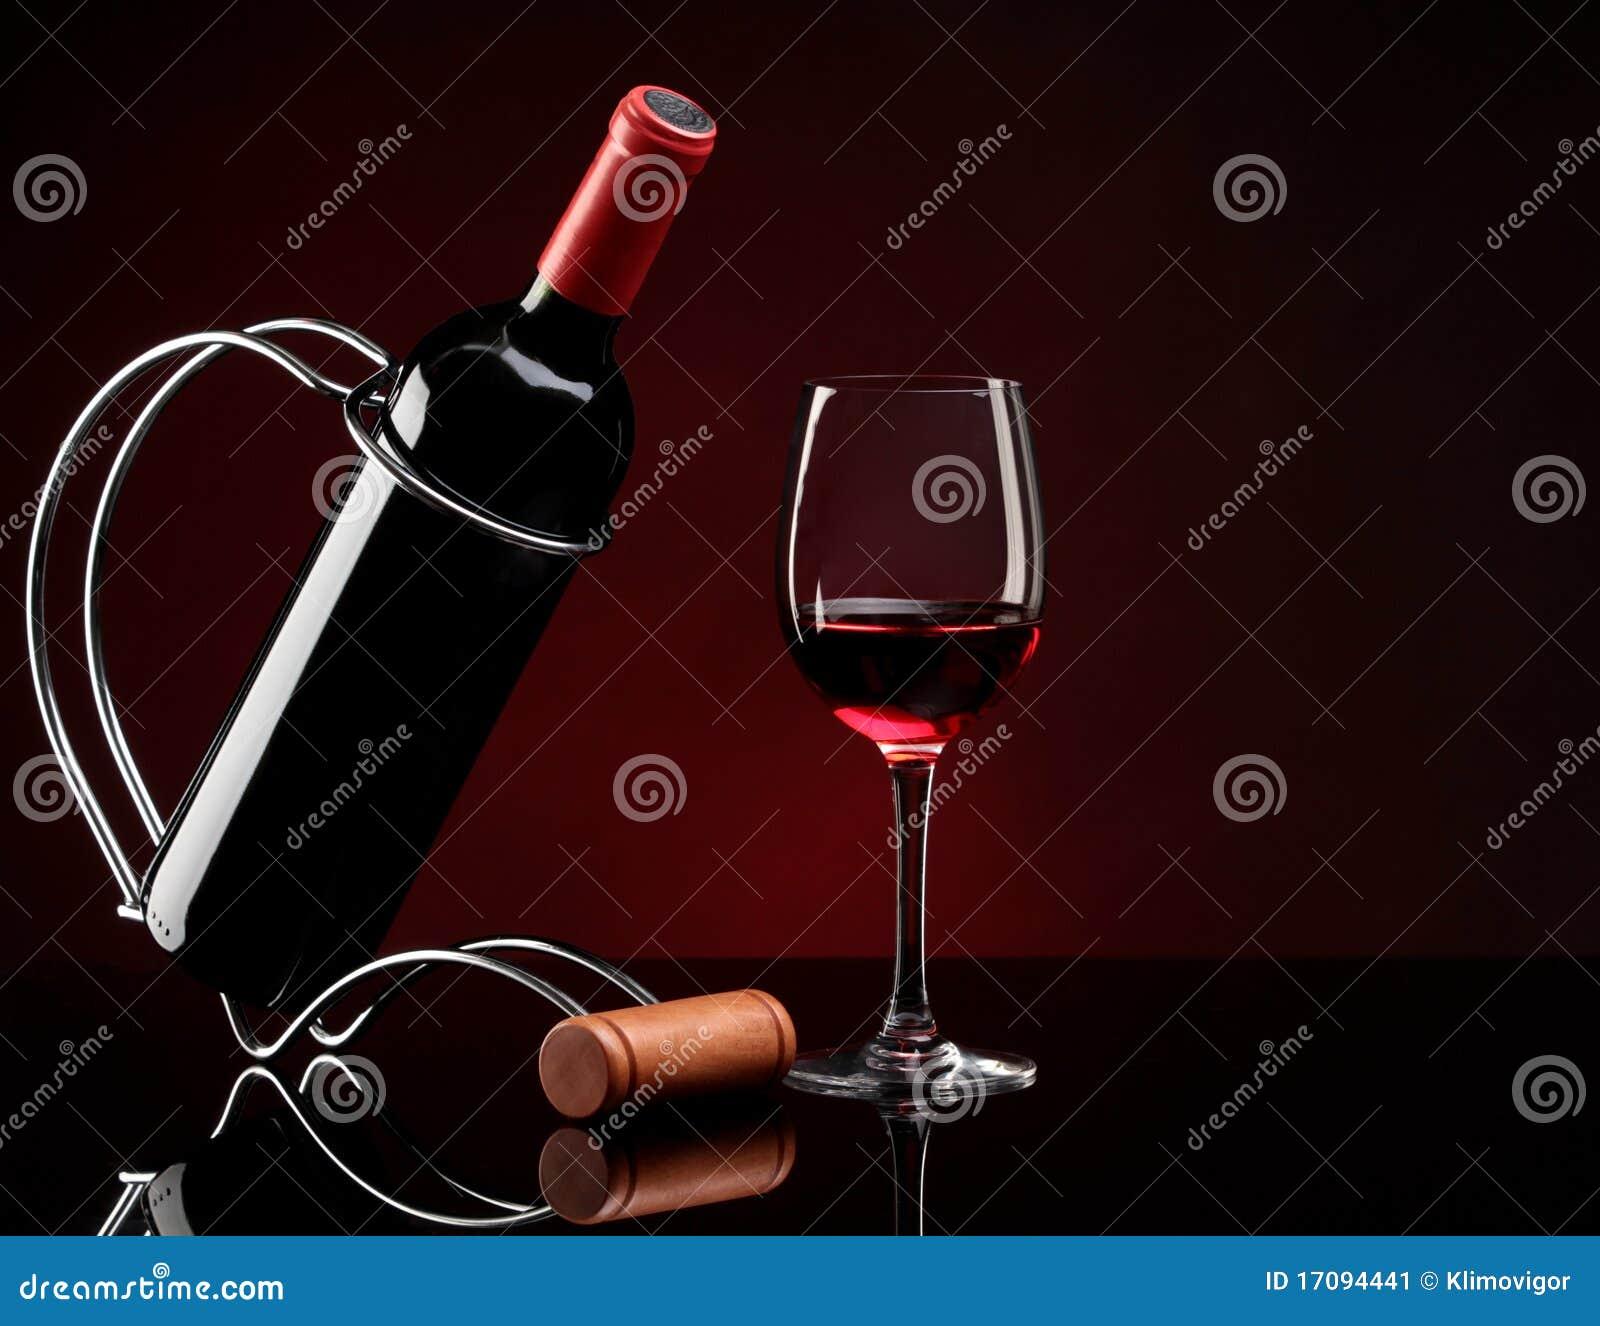 Flasche mit Wein auf einem Standplatz und einem Glas